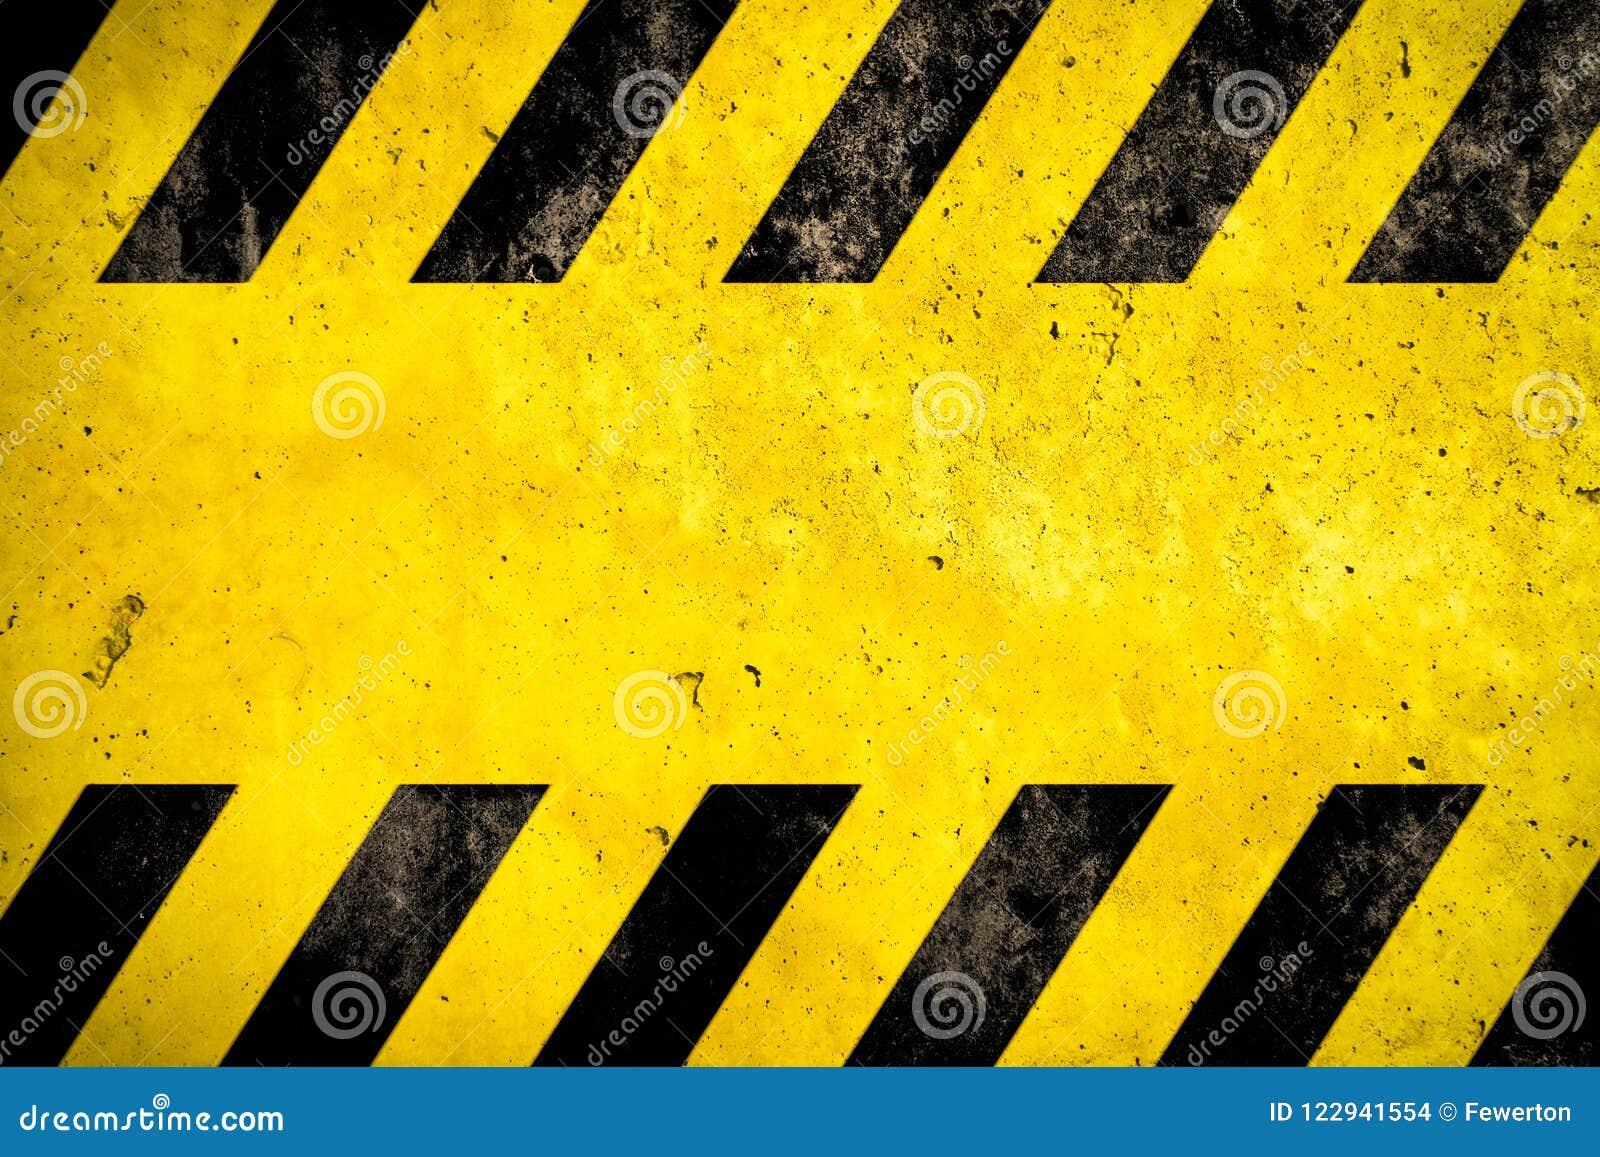 Fundo de advertência com as listras amarelas e pretas pintadas sobre a textura amarela da fachada do muro de cimento e o espaço v